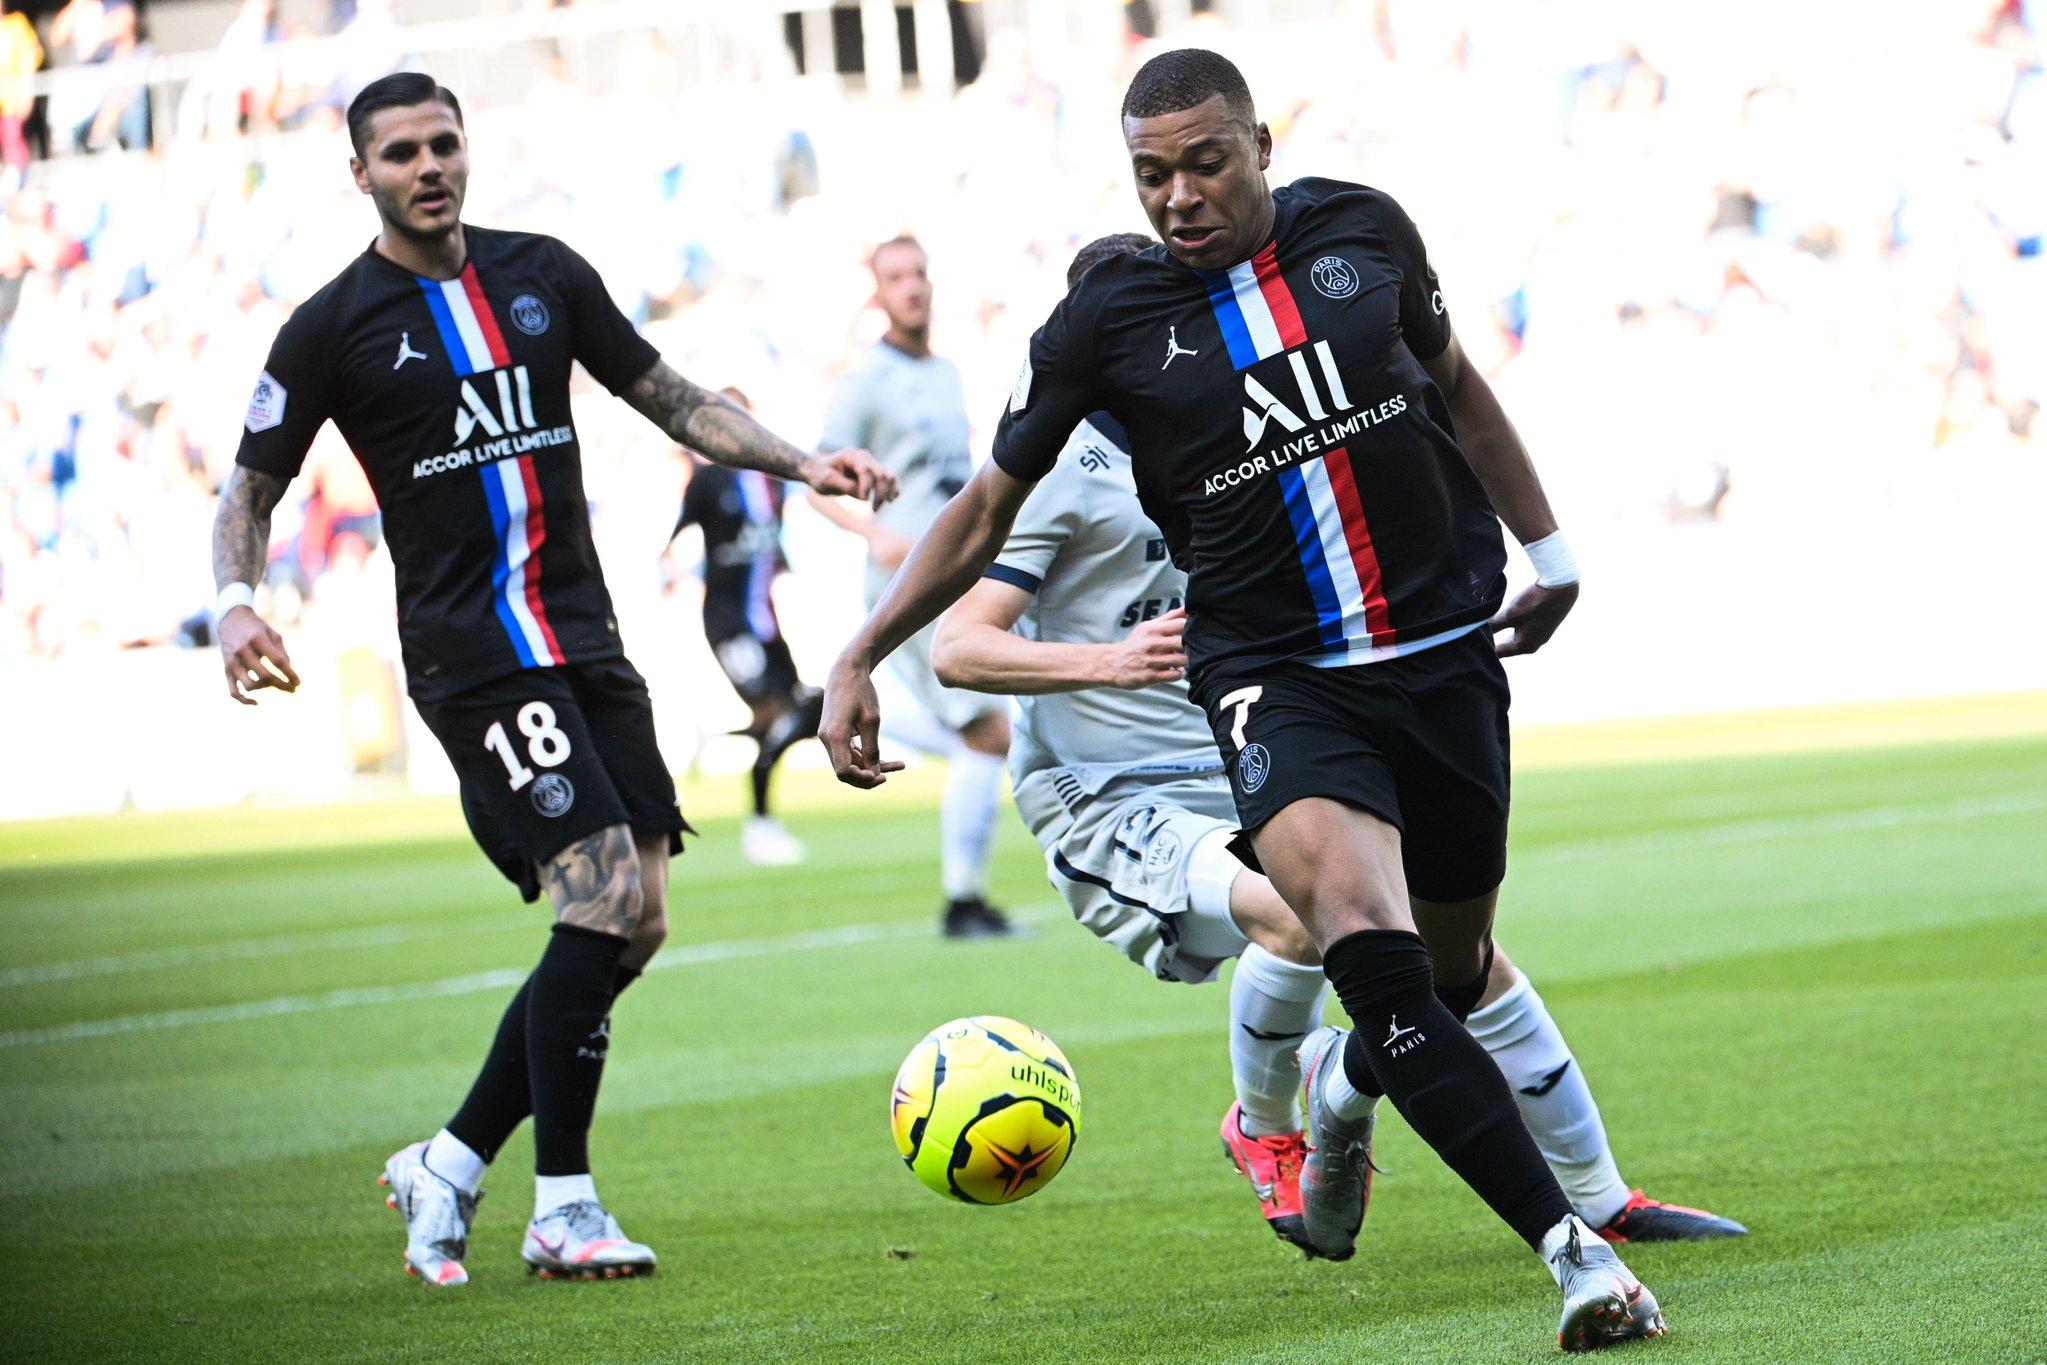 巴黎友谊赛对阵法乙球队,半场4-0抢先